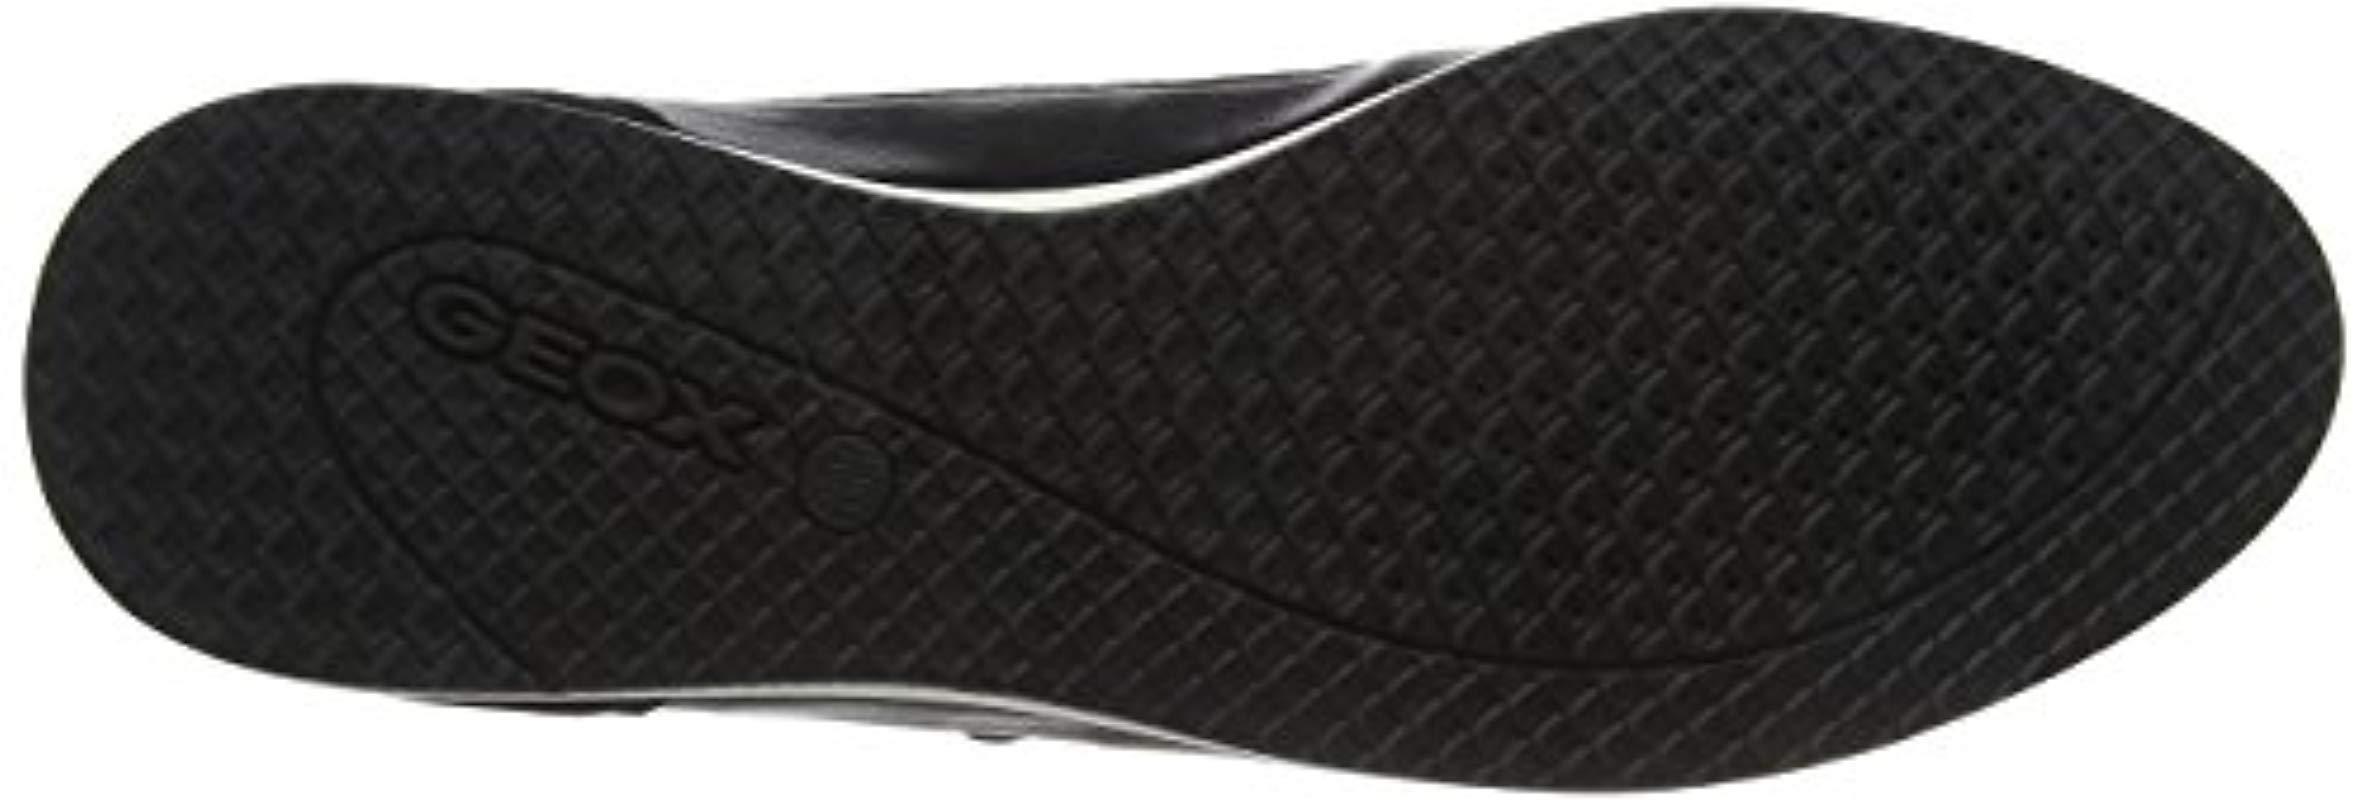 D Avery A, Zapatillas para Mujer Geox de color Negro